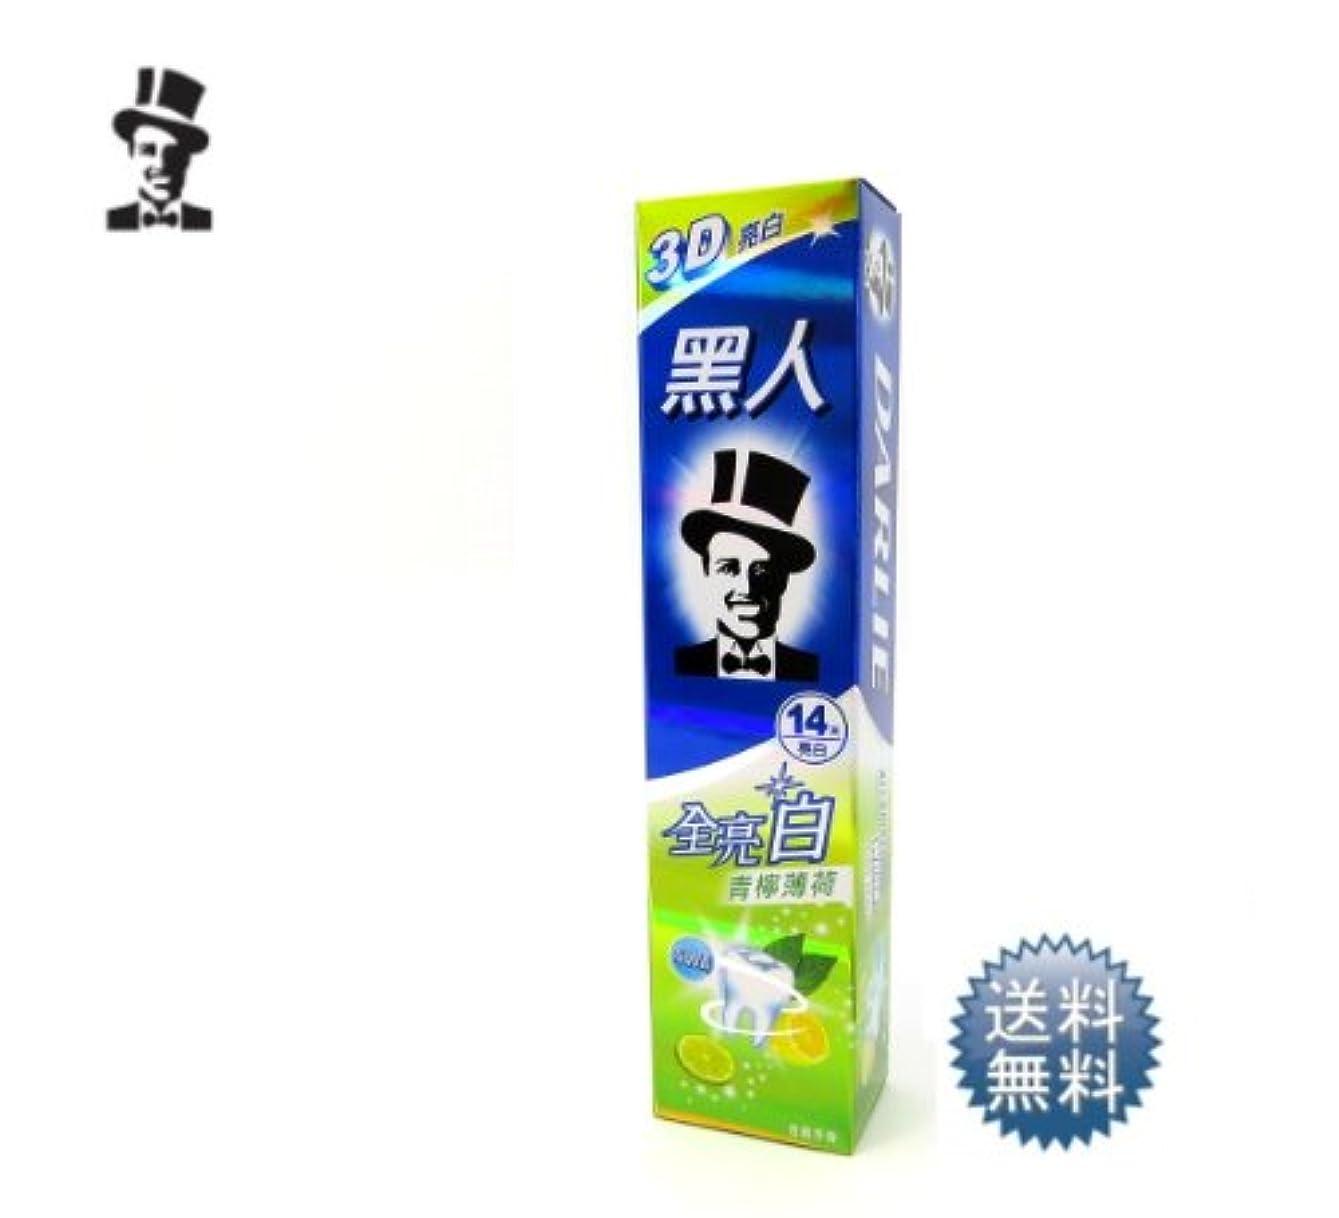 出身地エンドウロビー台湾 黒人 歯磨き 全亮白 青檸薄荷 140g